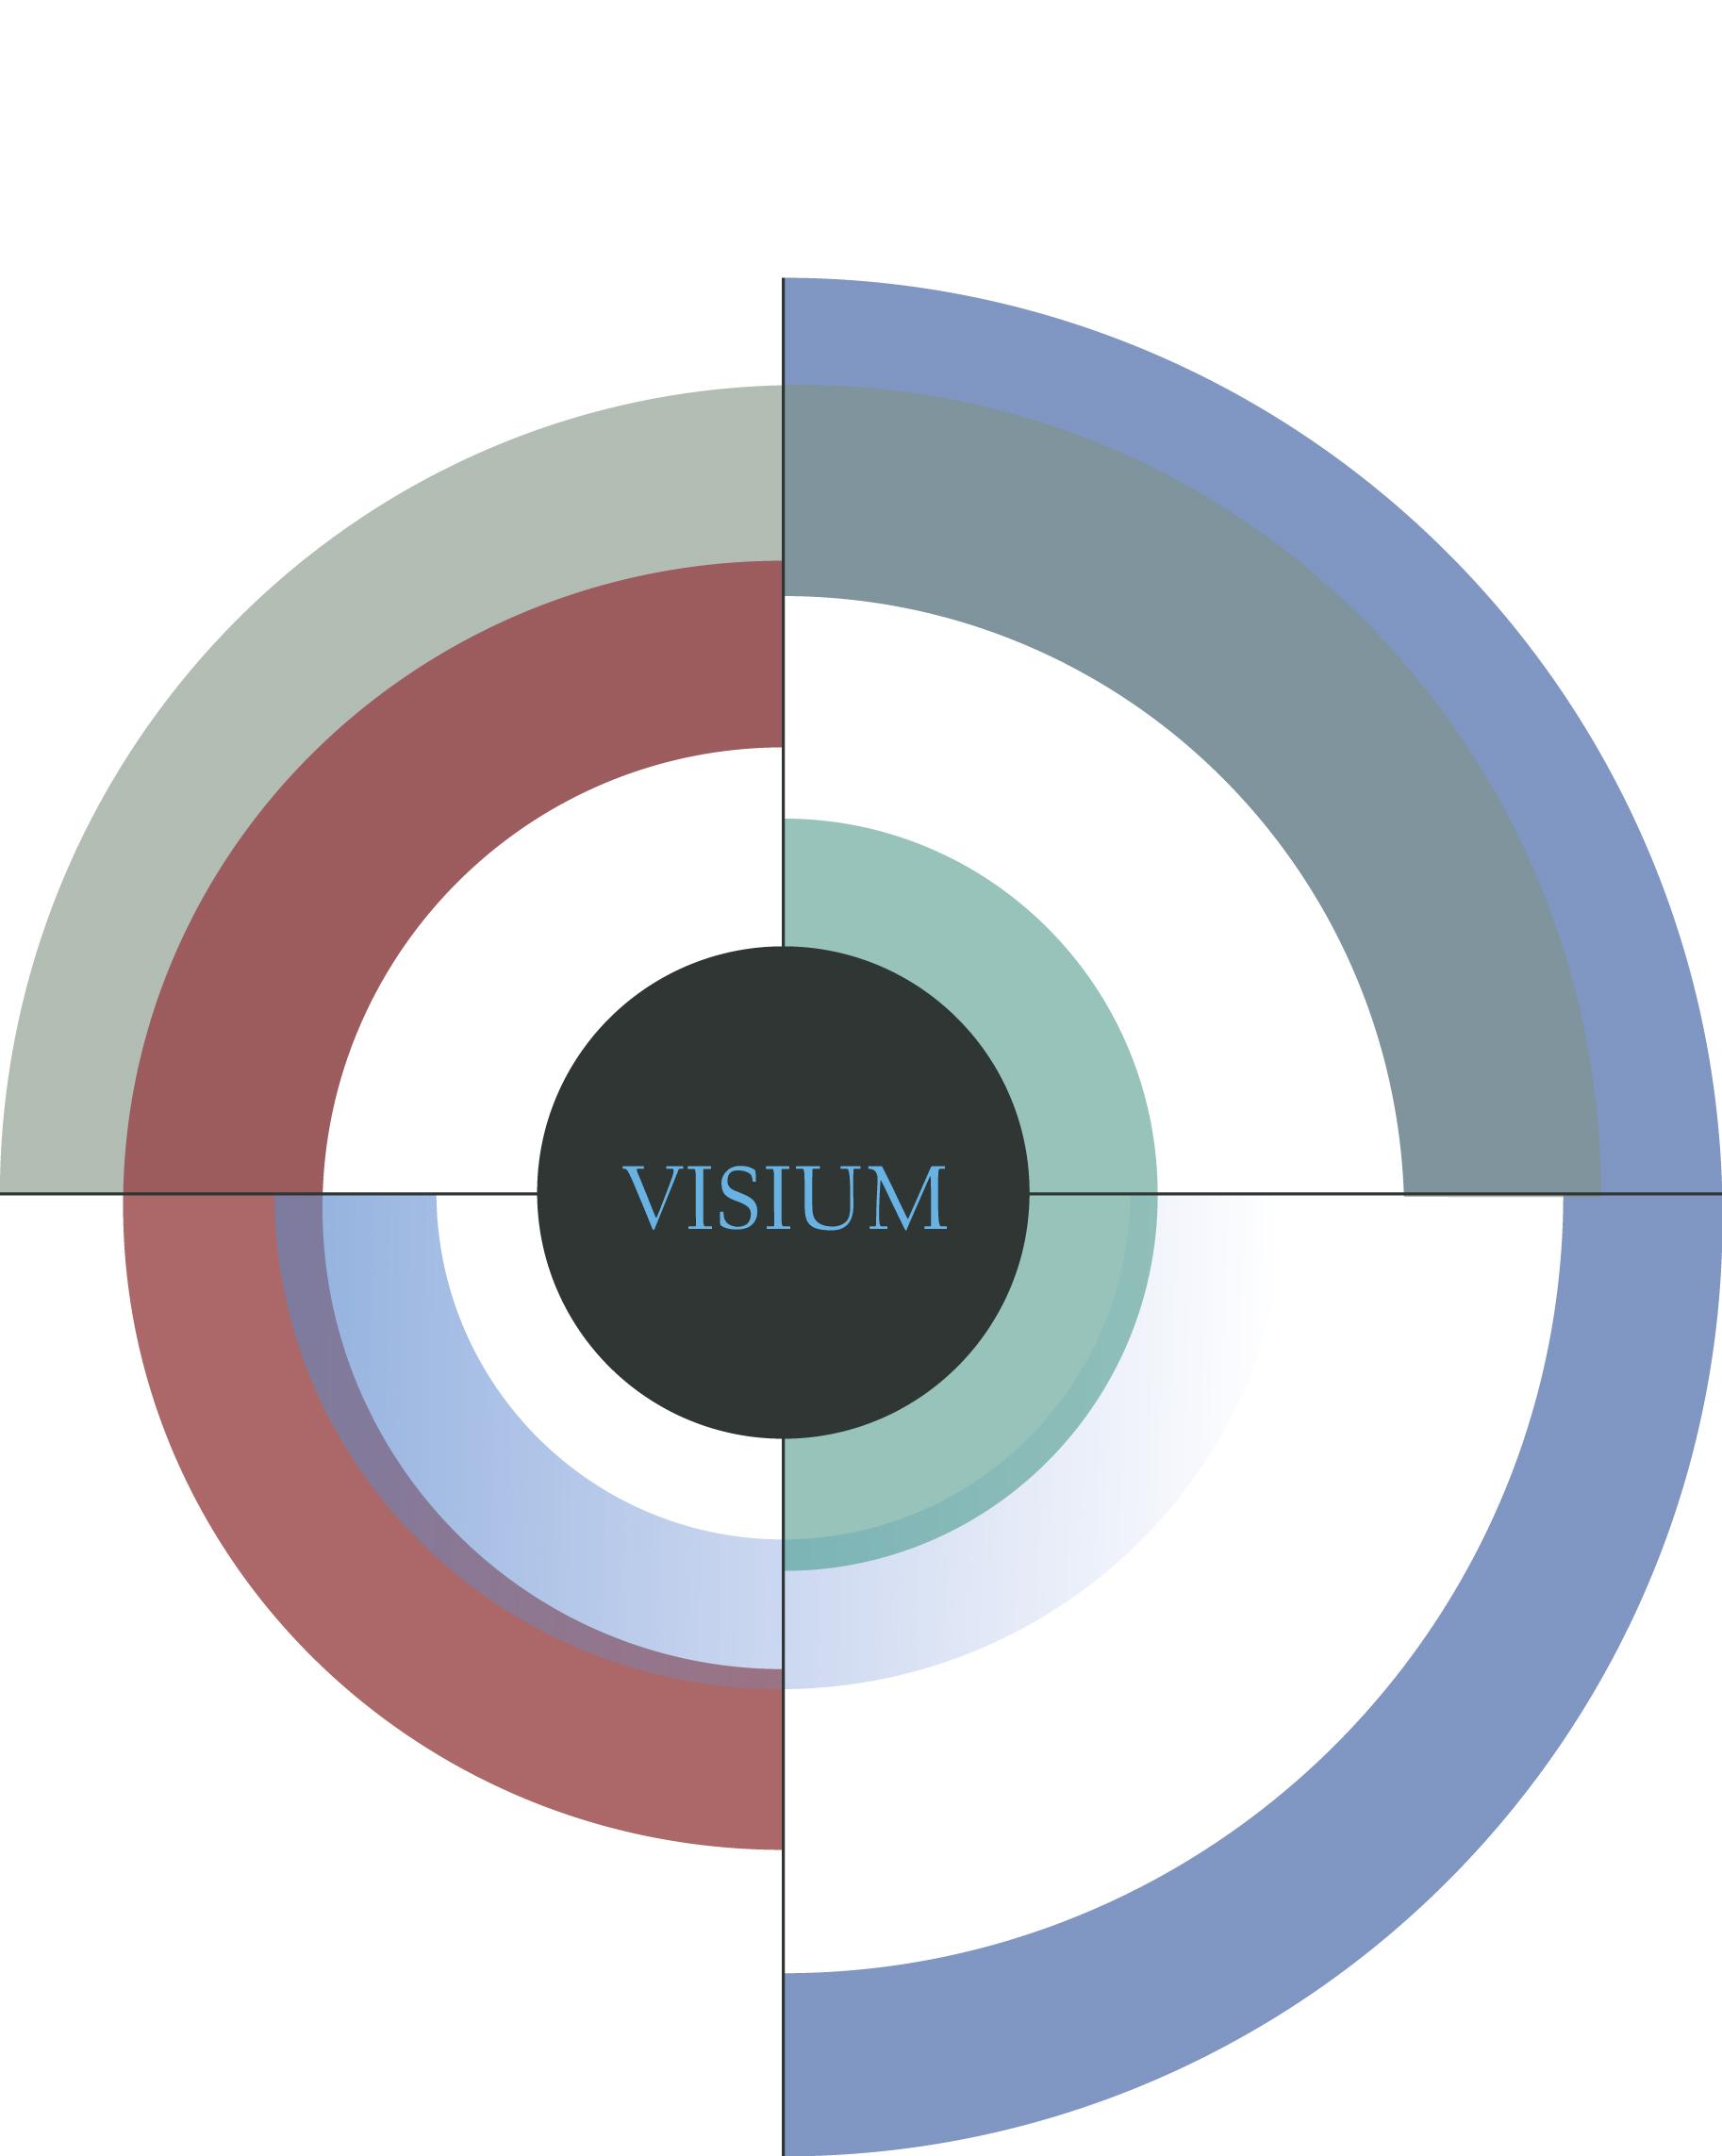 Logo visium